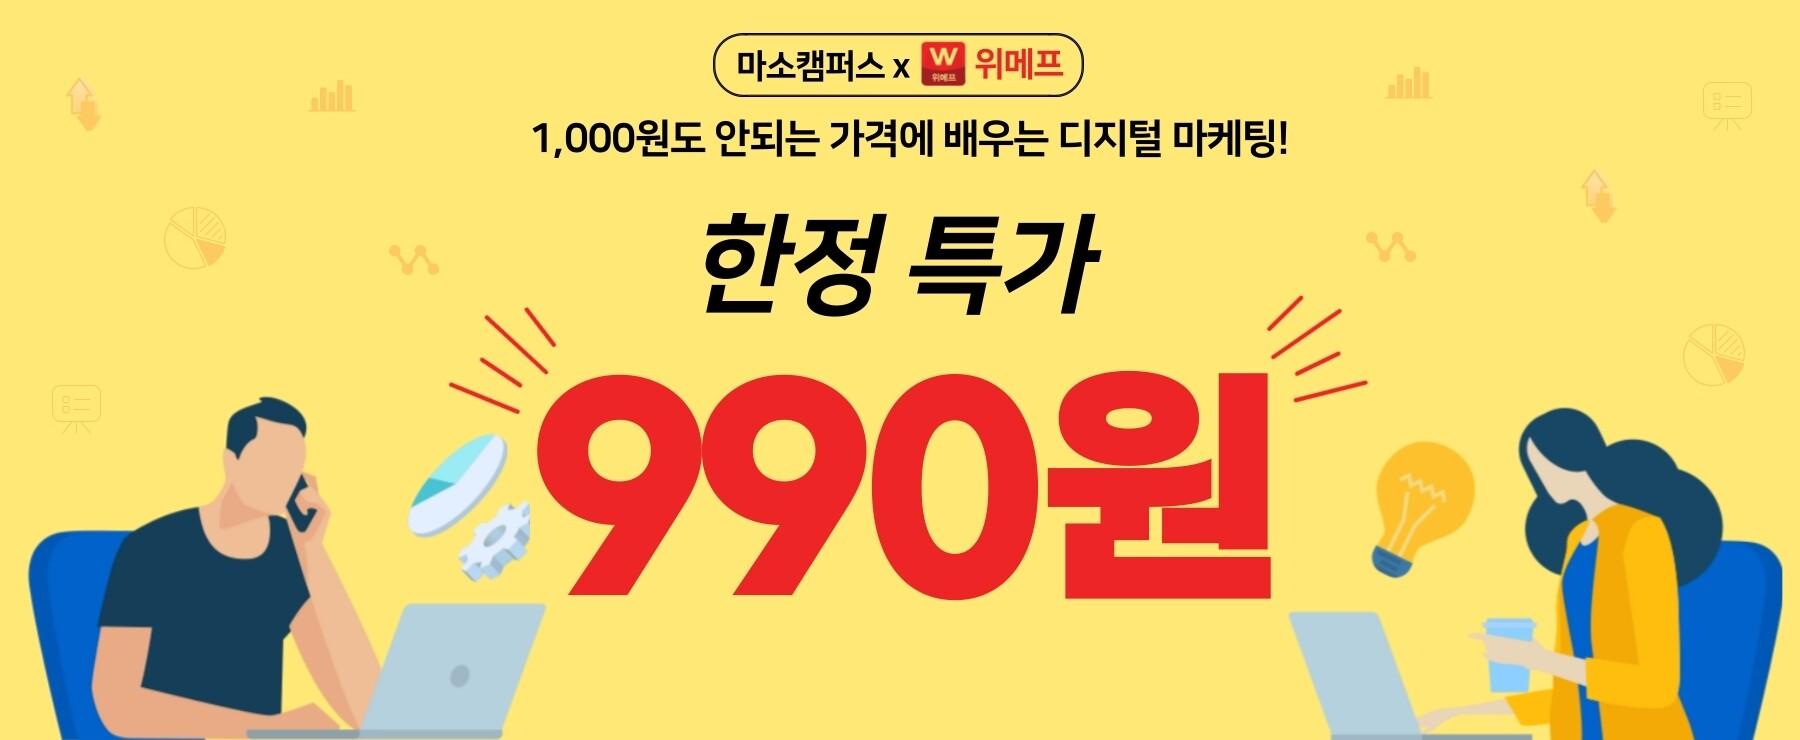 ★마소캠퍼스 X 위메프★